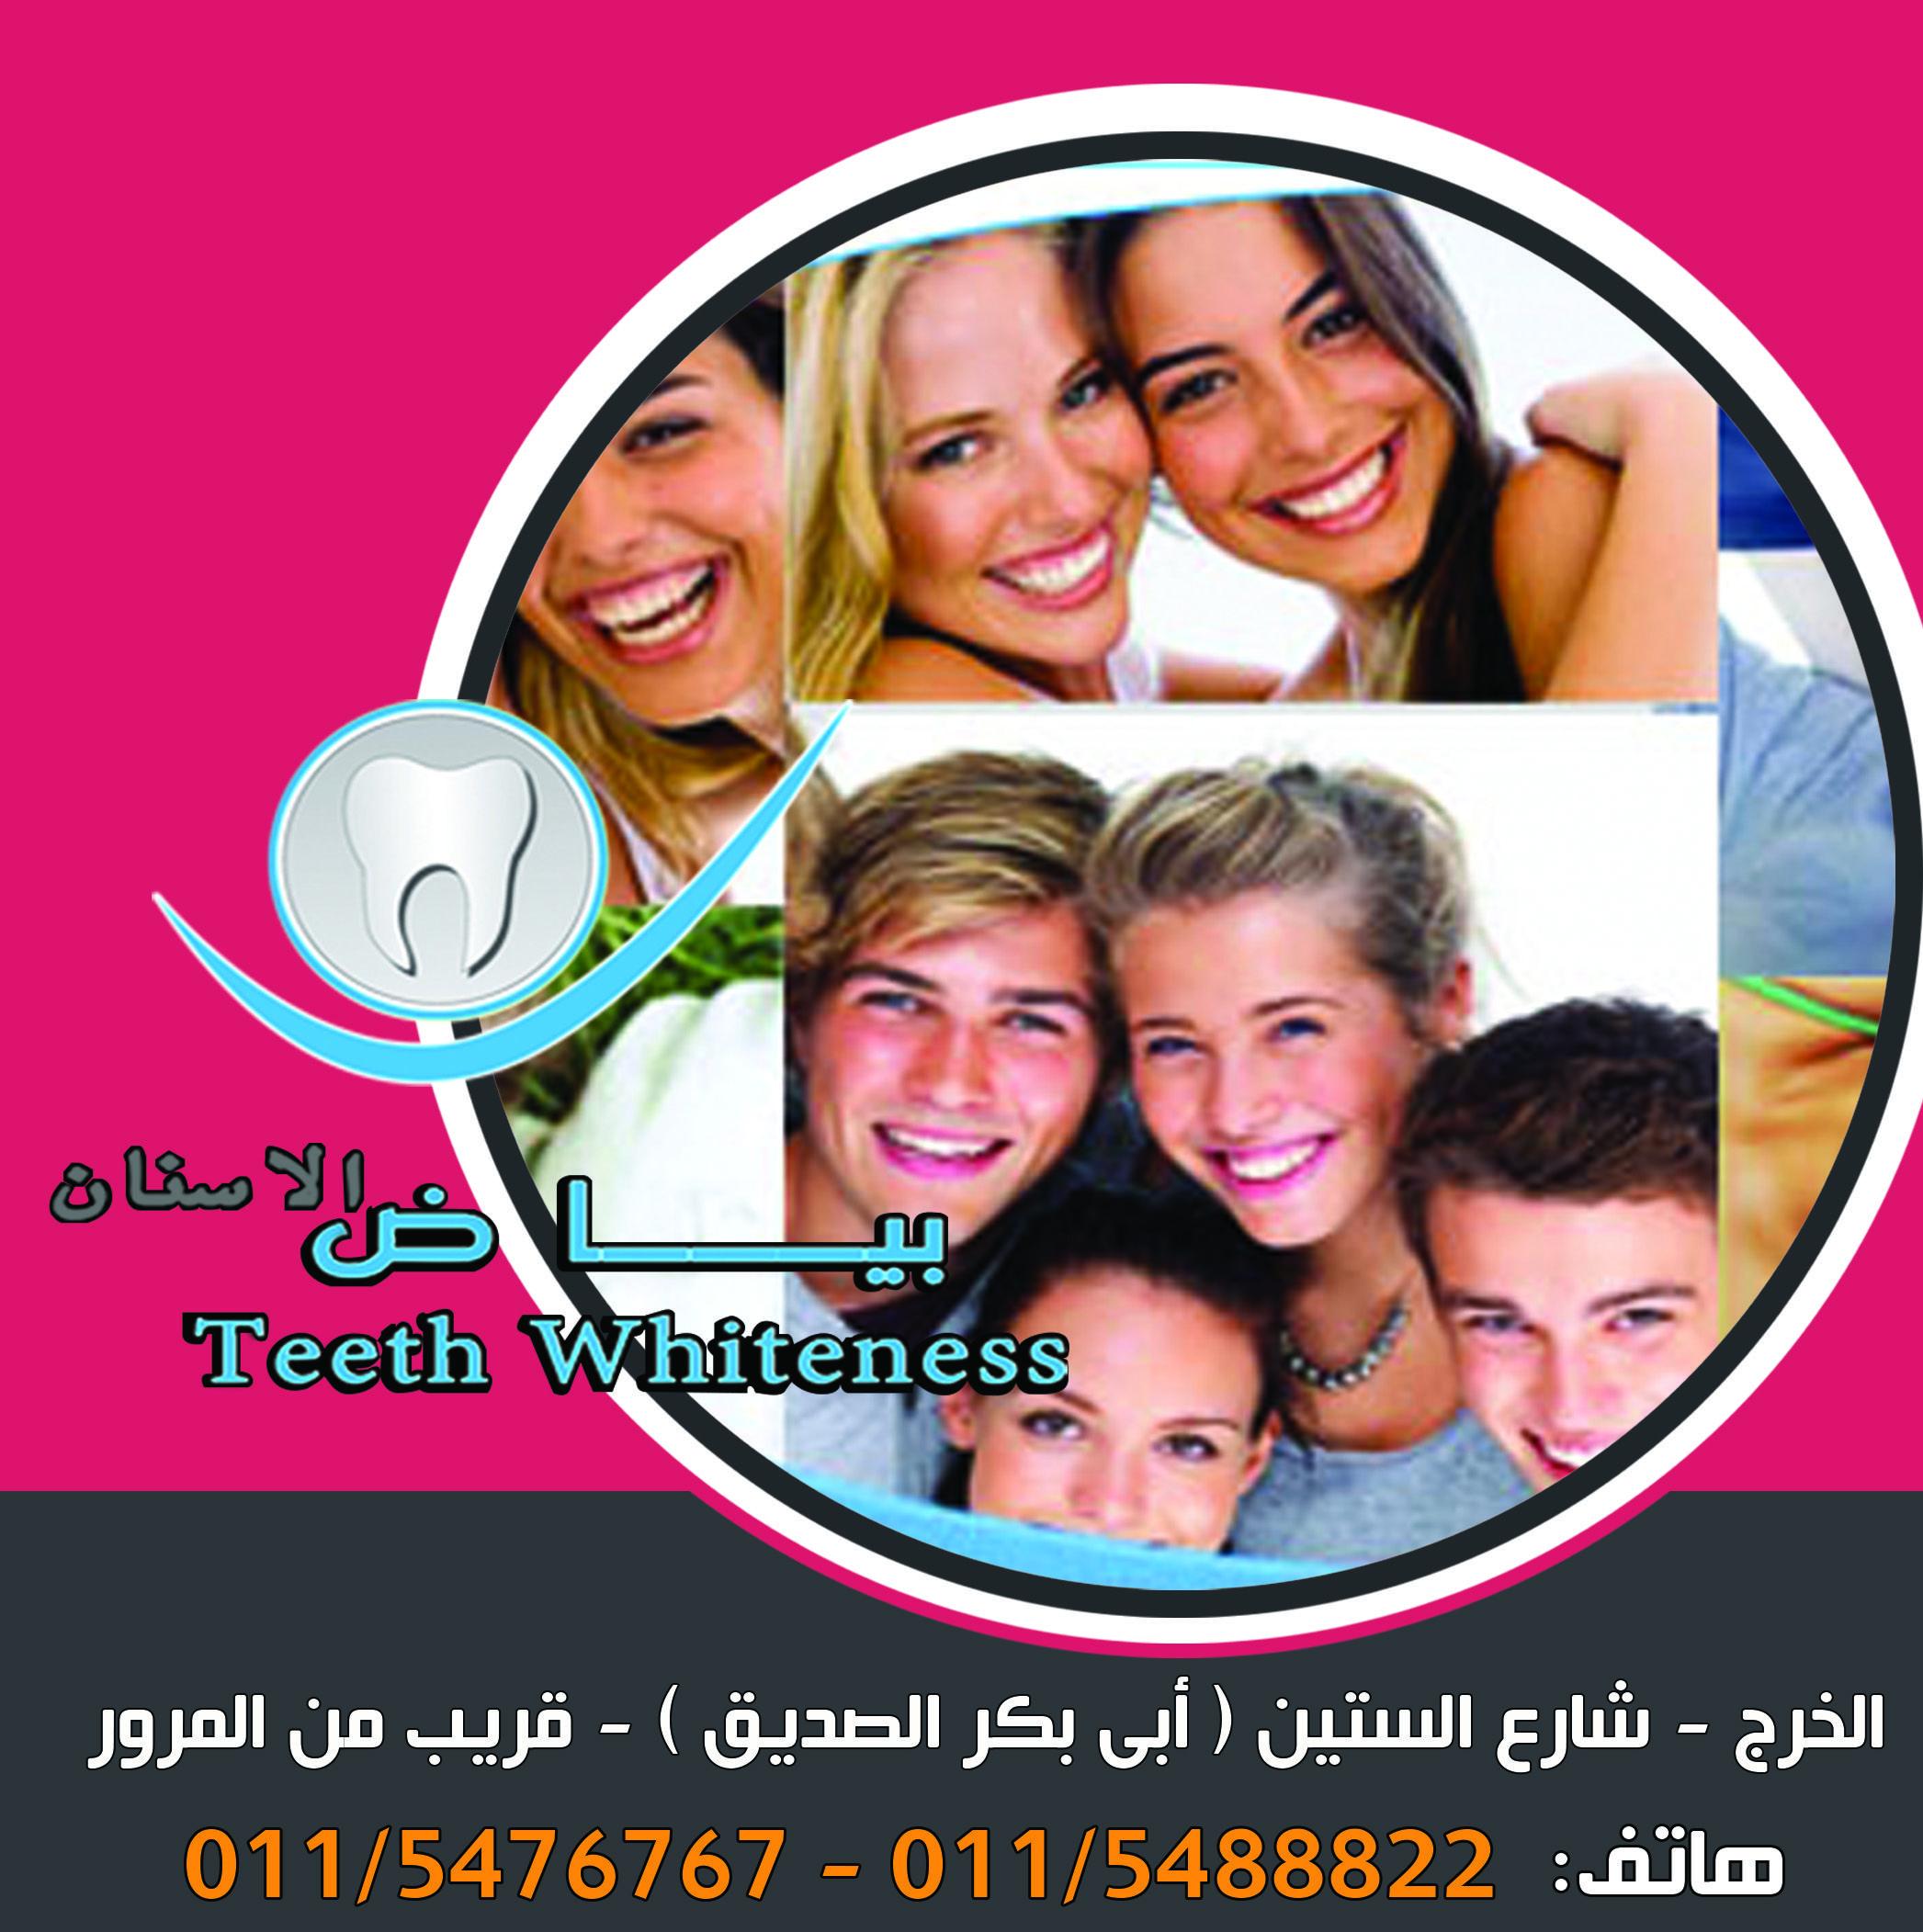 امتلاك أسنان بيضاء هي من أكثر علامات الصحة والاهتمام بأنفسننا وأسناننا فهي تعطي الشخص جمالا مثيرا عند الابتسامة والتحدث إلى الآ Movies Movie Posters Poster